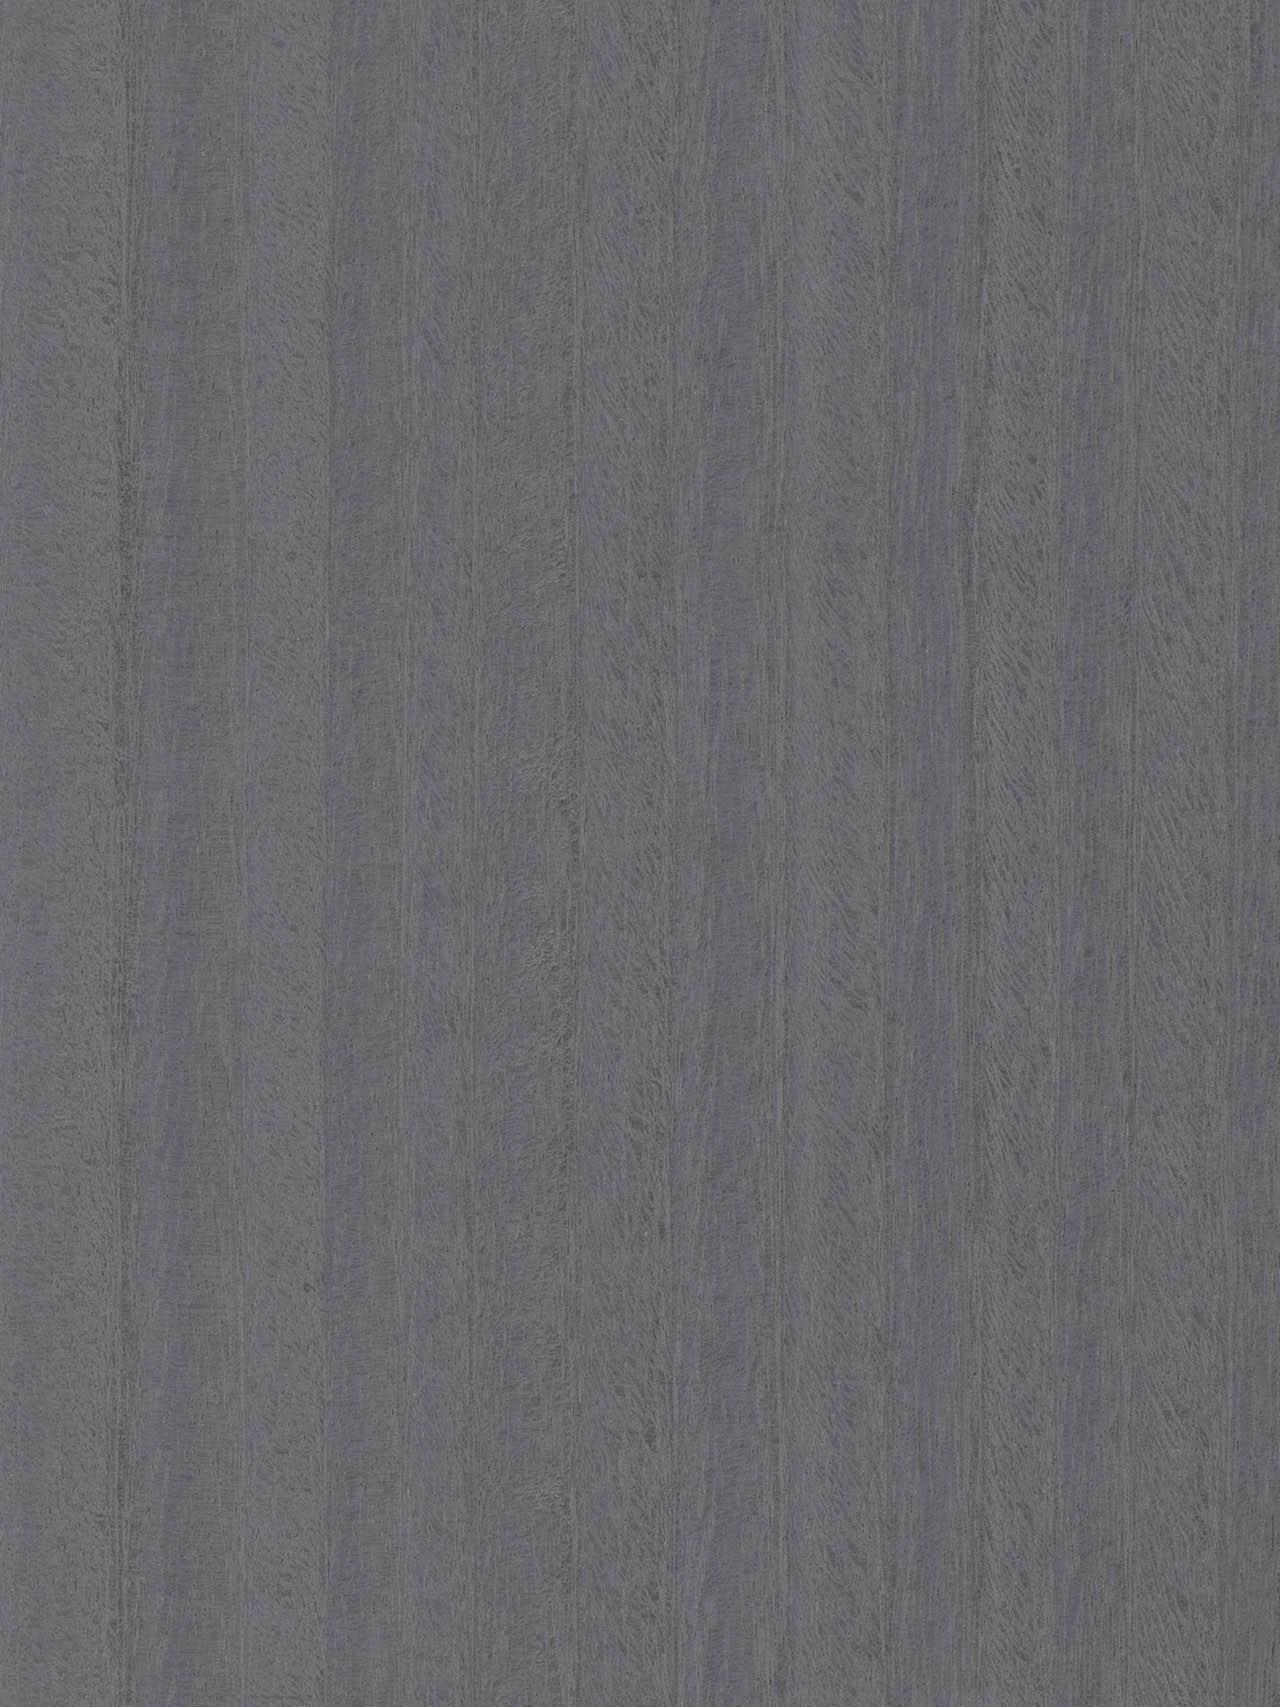 Chapa de madera Eucalipto Ceniza GBF101 Losán